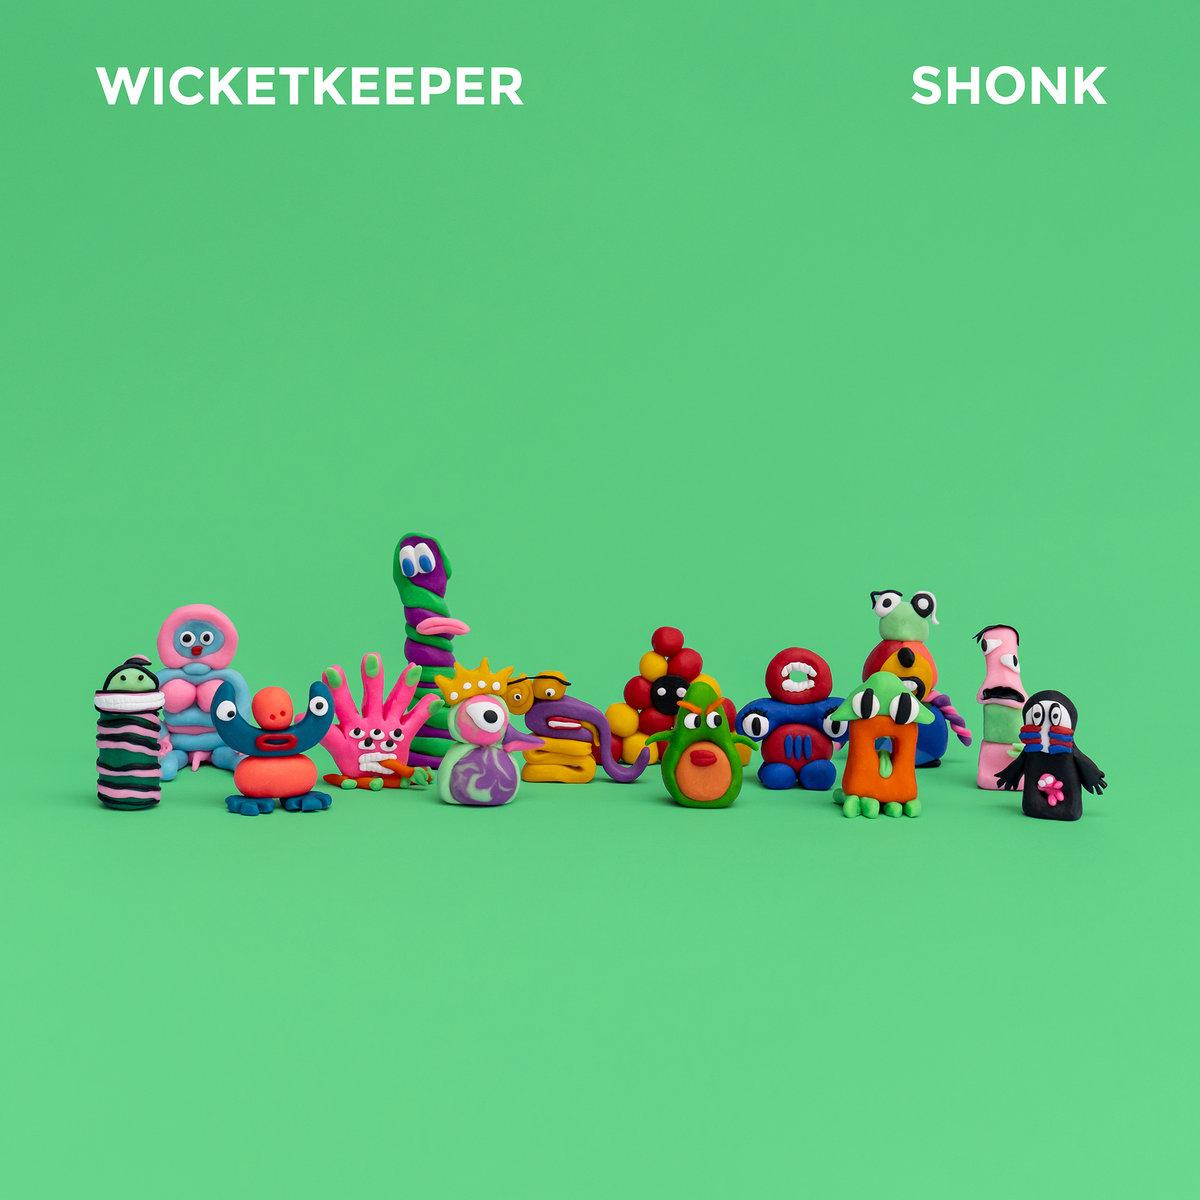 Wicketkeeper - Shonk